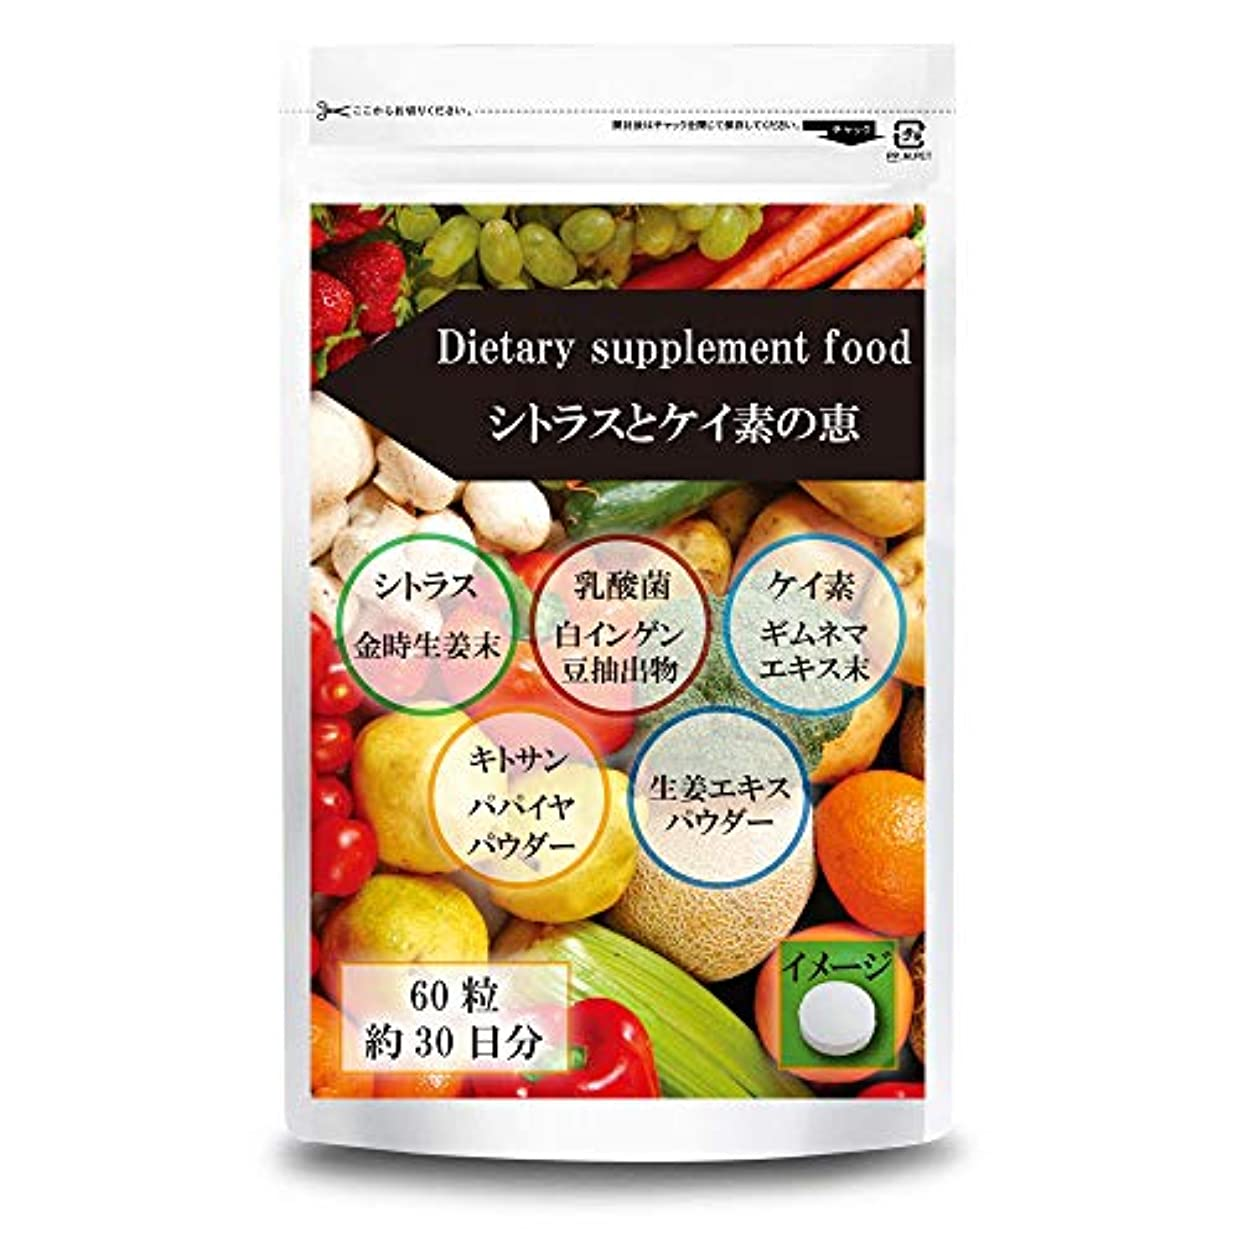 ネット手書き本土シトラスとケイ素の恵 トータルサポート ダイエット サプリメント 【60粒約30日分】